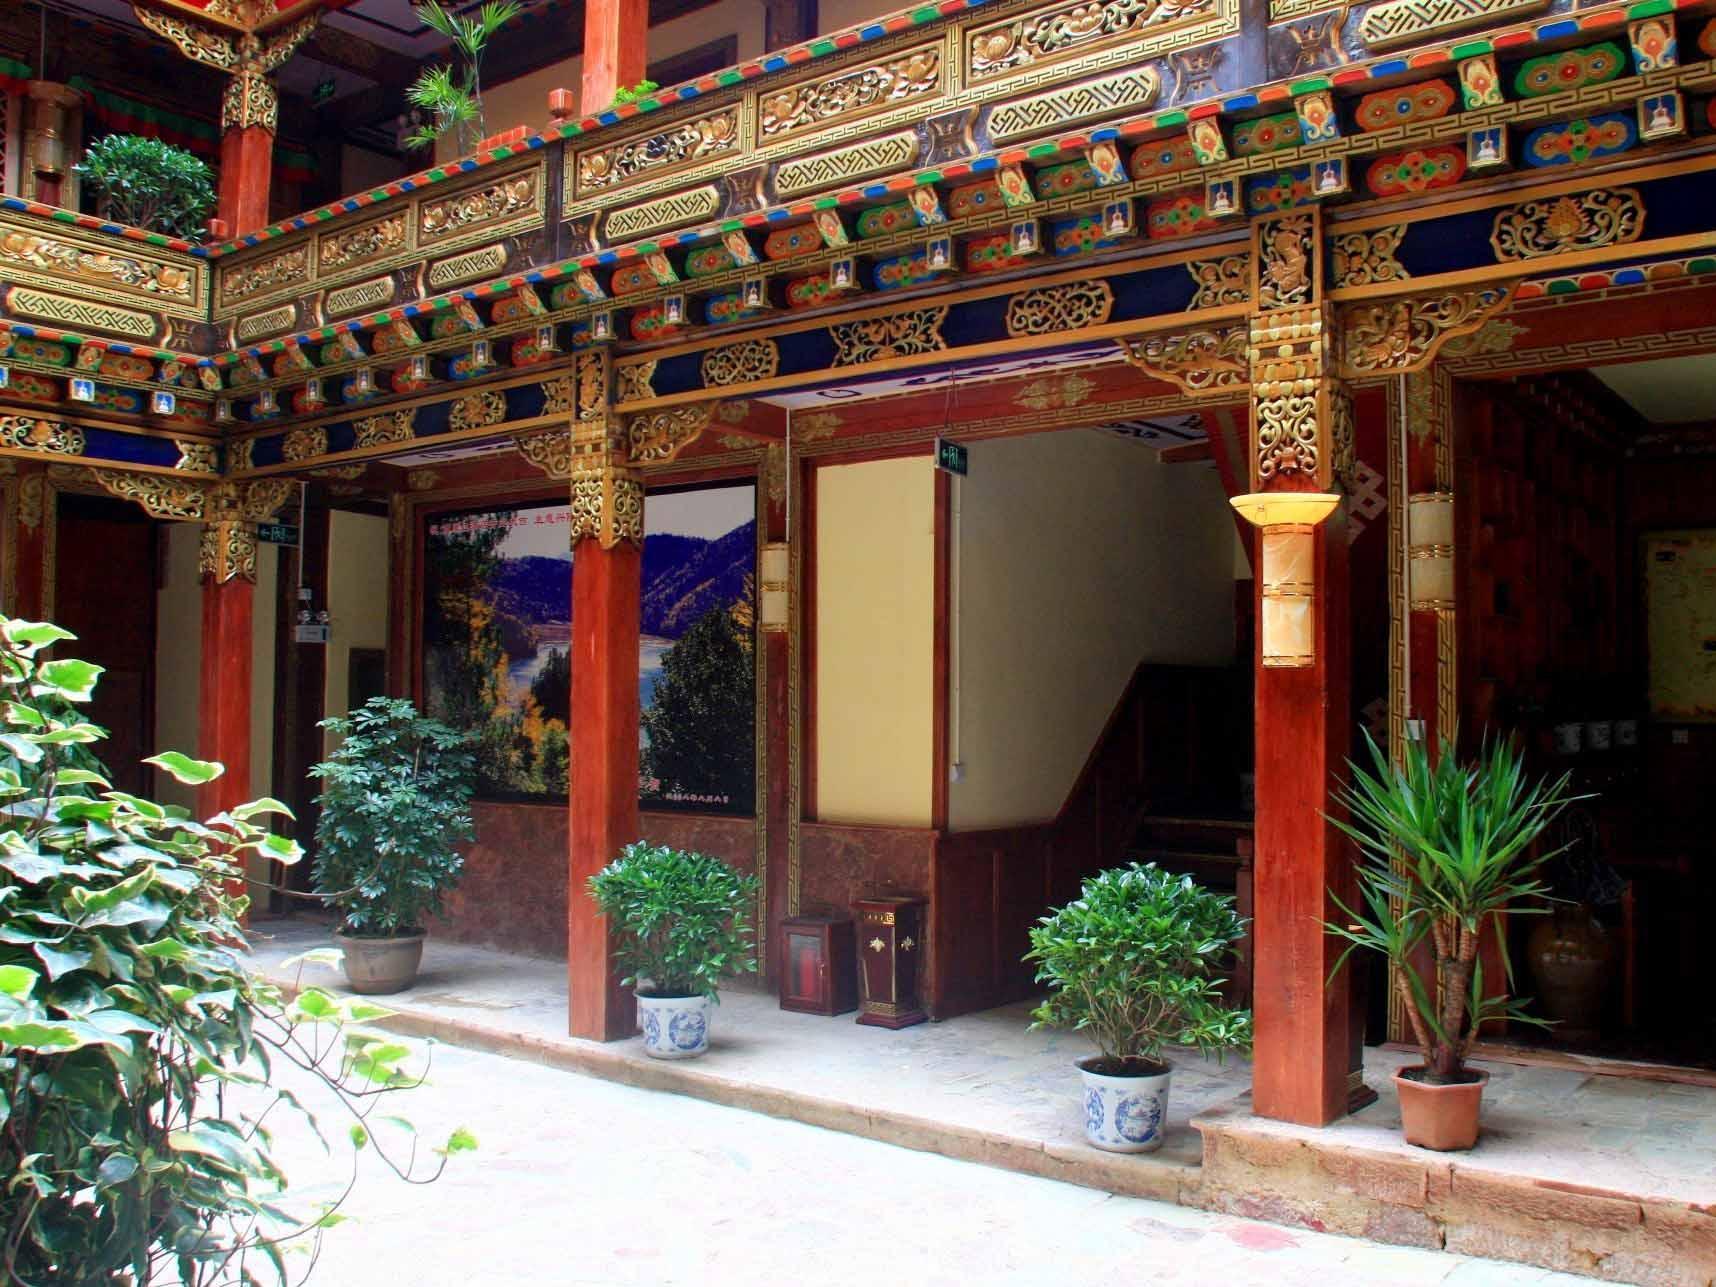 Shangri-la Gaoyuanhong Hotel Shangri-La